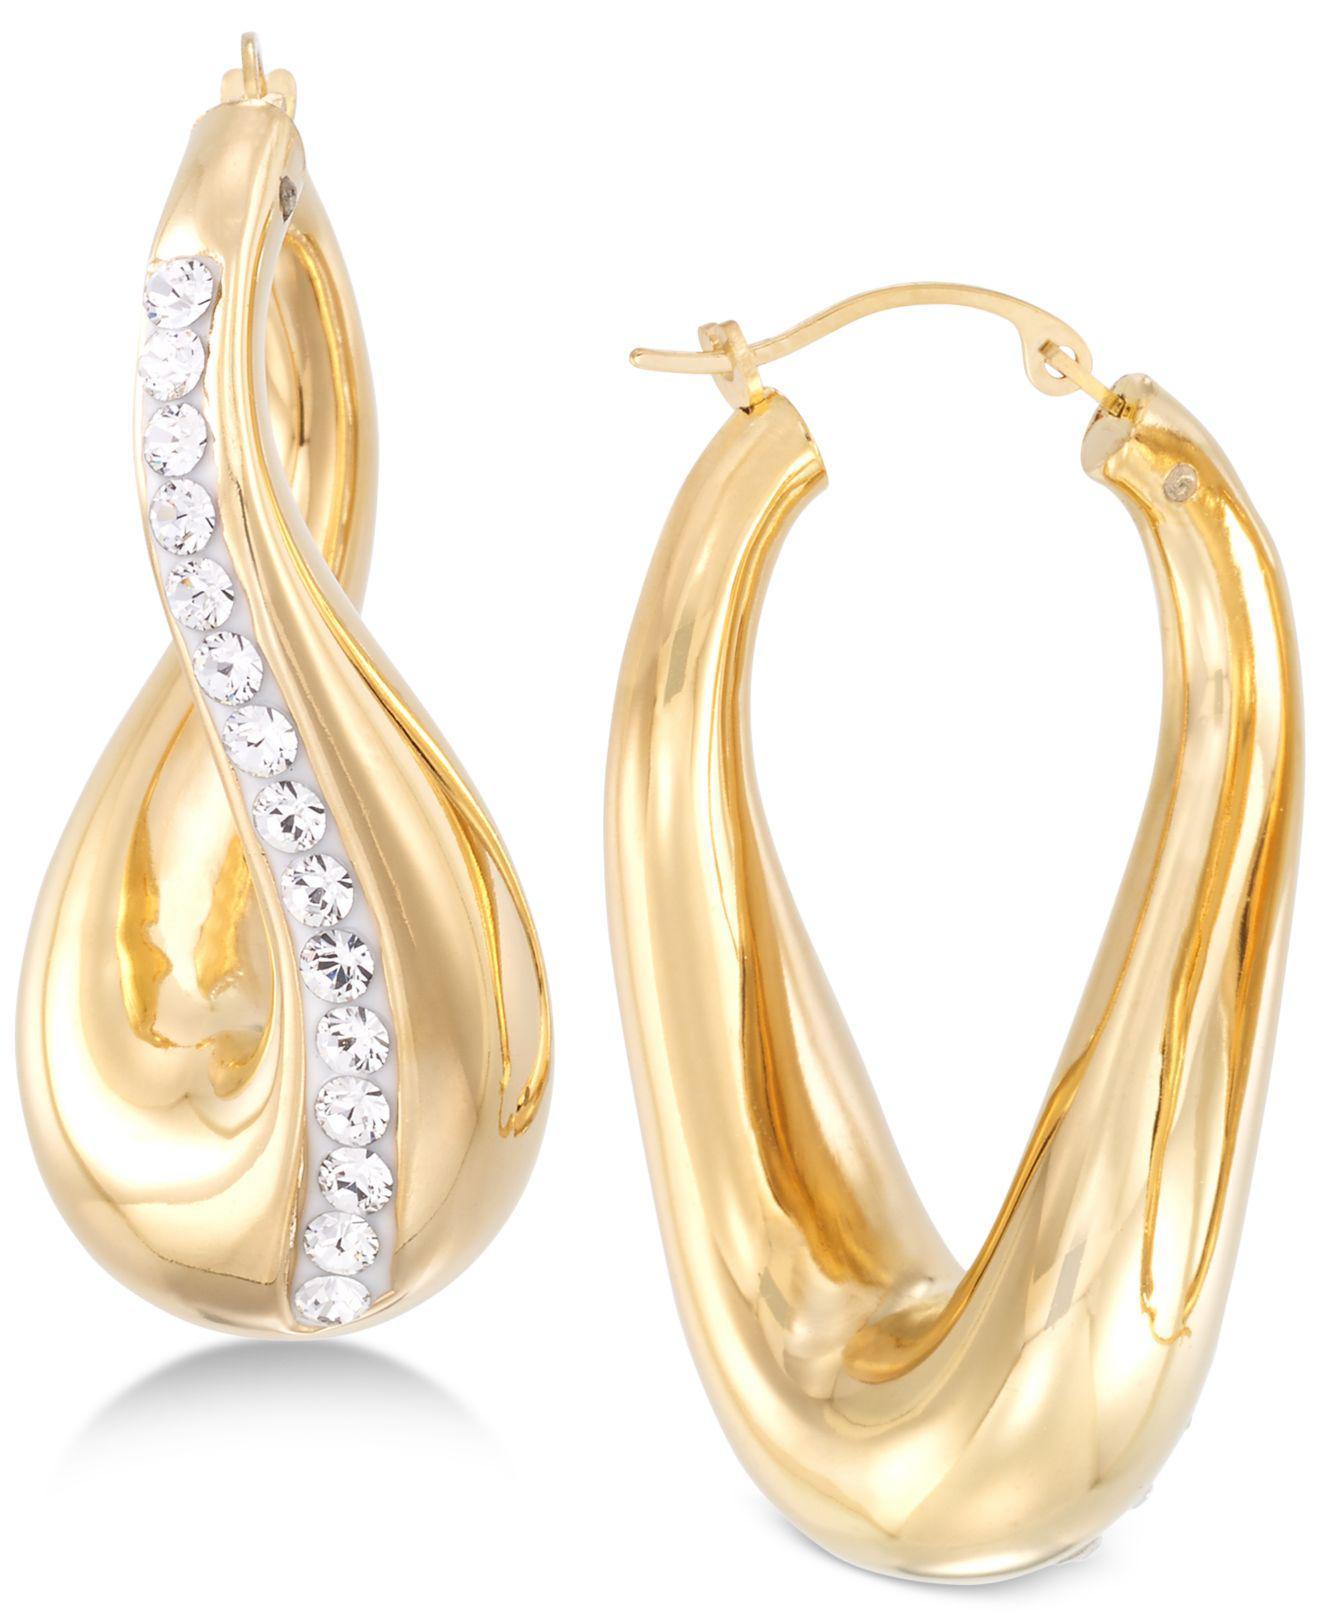 e3cce7c8bb1d5 Women's Metallic Swarovski Crystal Hoop Earrings In 14k Gold Over Resin